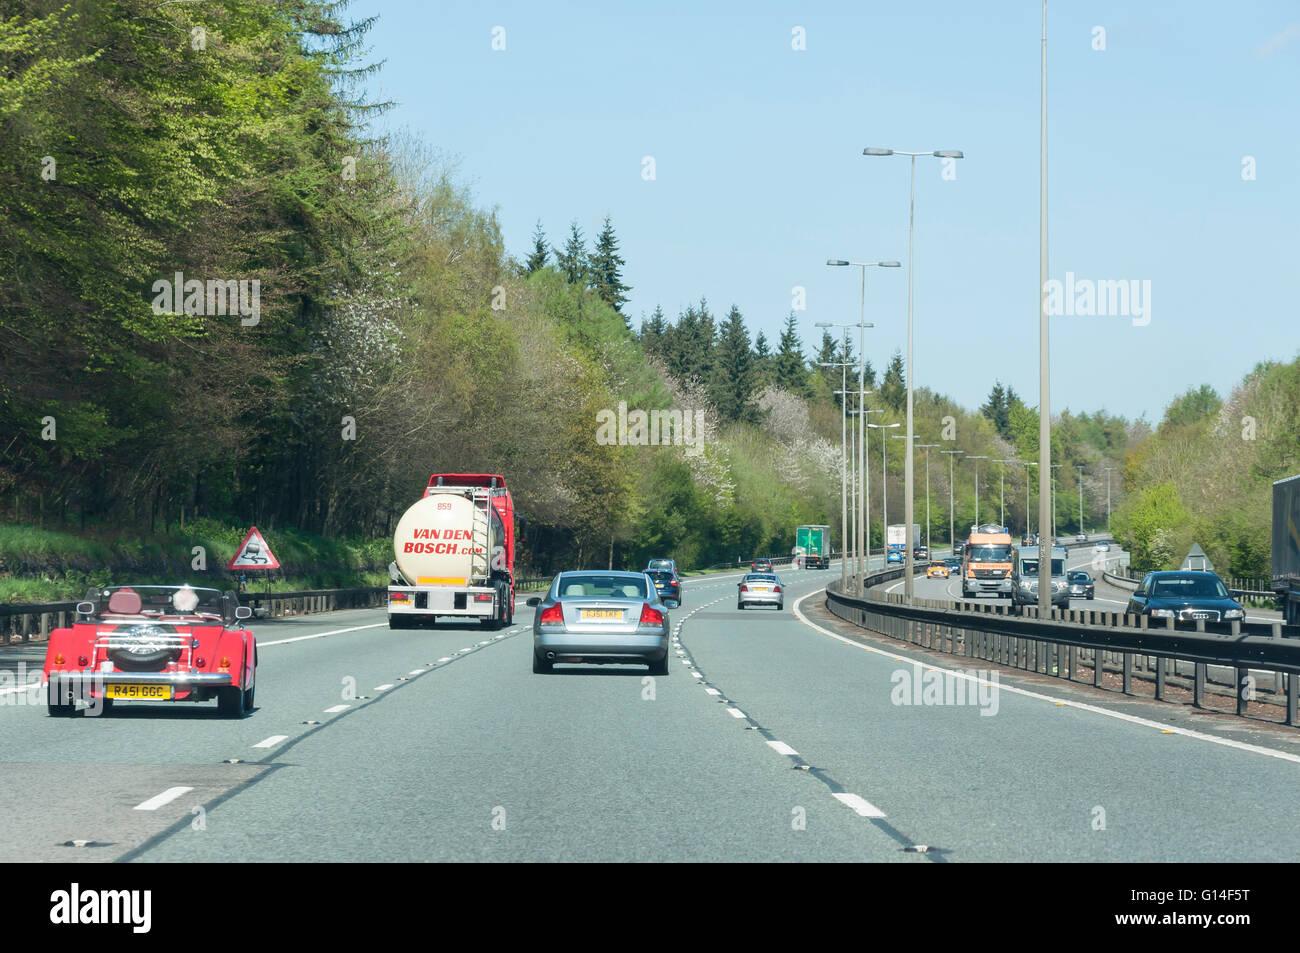 M40 Motorway, Surrey, England, United Kingdom - Stock Image